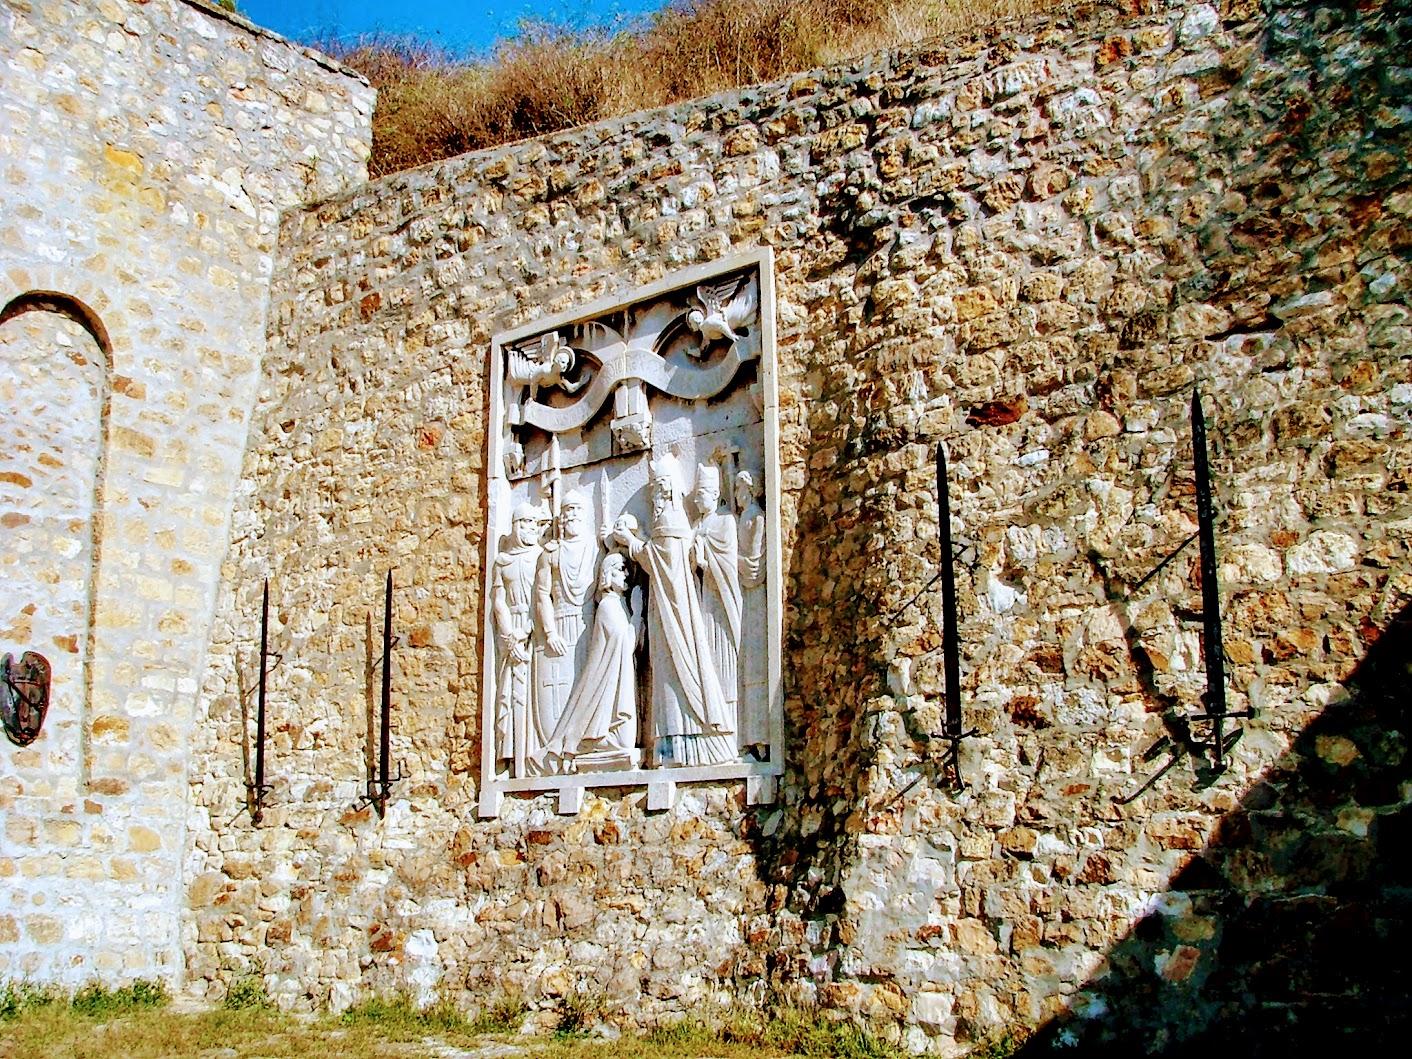 Esztergom - Szent István koronázása dombormű a Szent Tamás-hegy DNy-i oldalában